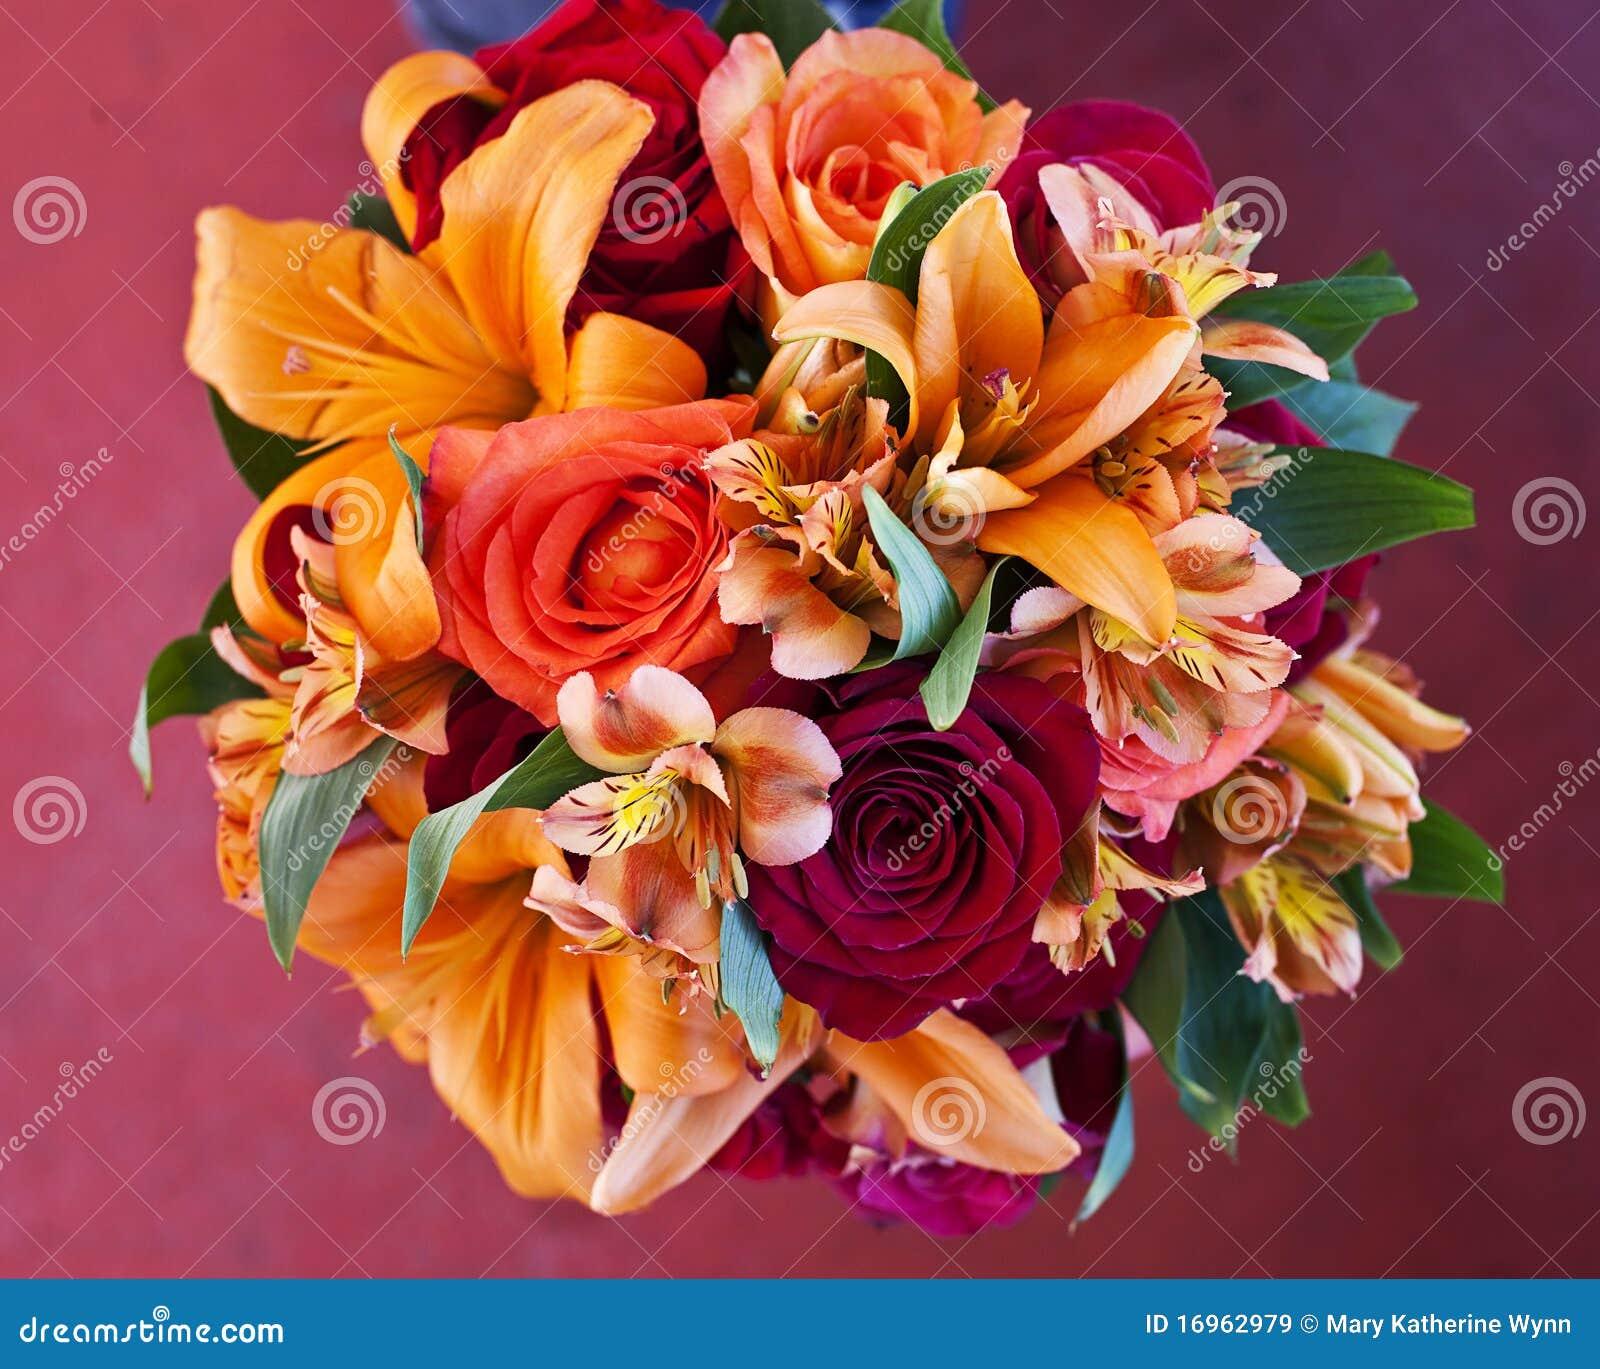 Ramo De Flores Del Otoño Imagen De Archivo Imagen De Boda 16962979